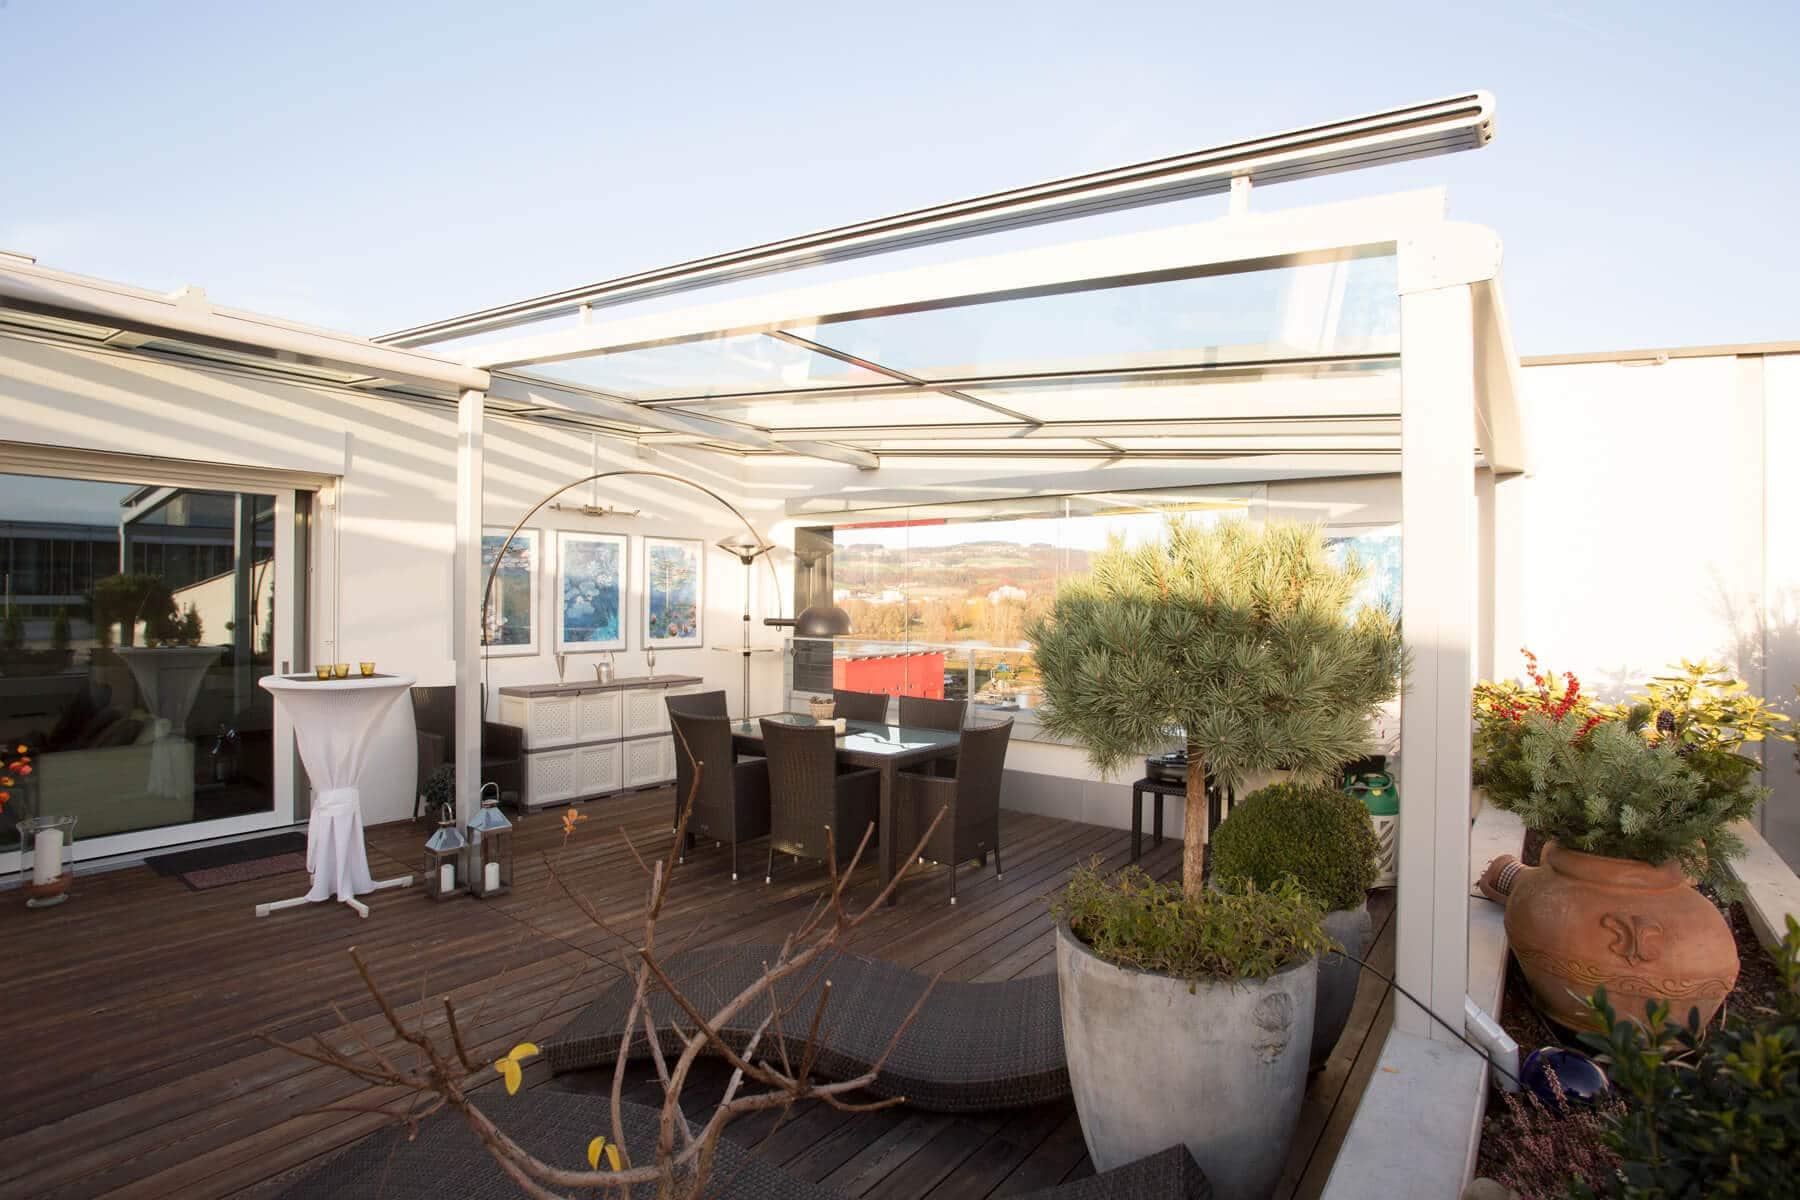 Terrassenverglasung auf einer Dachterrasse